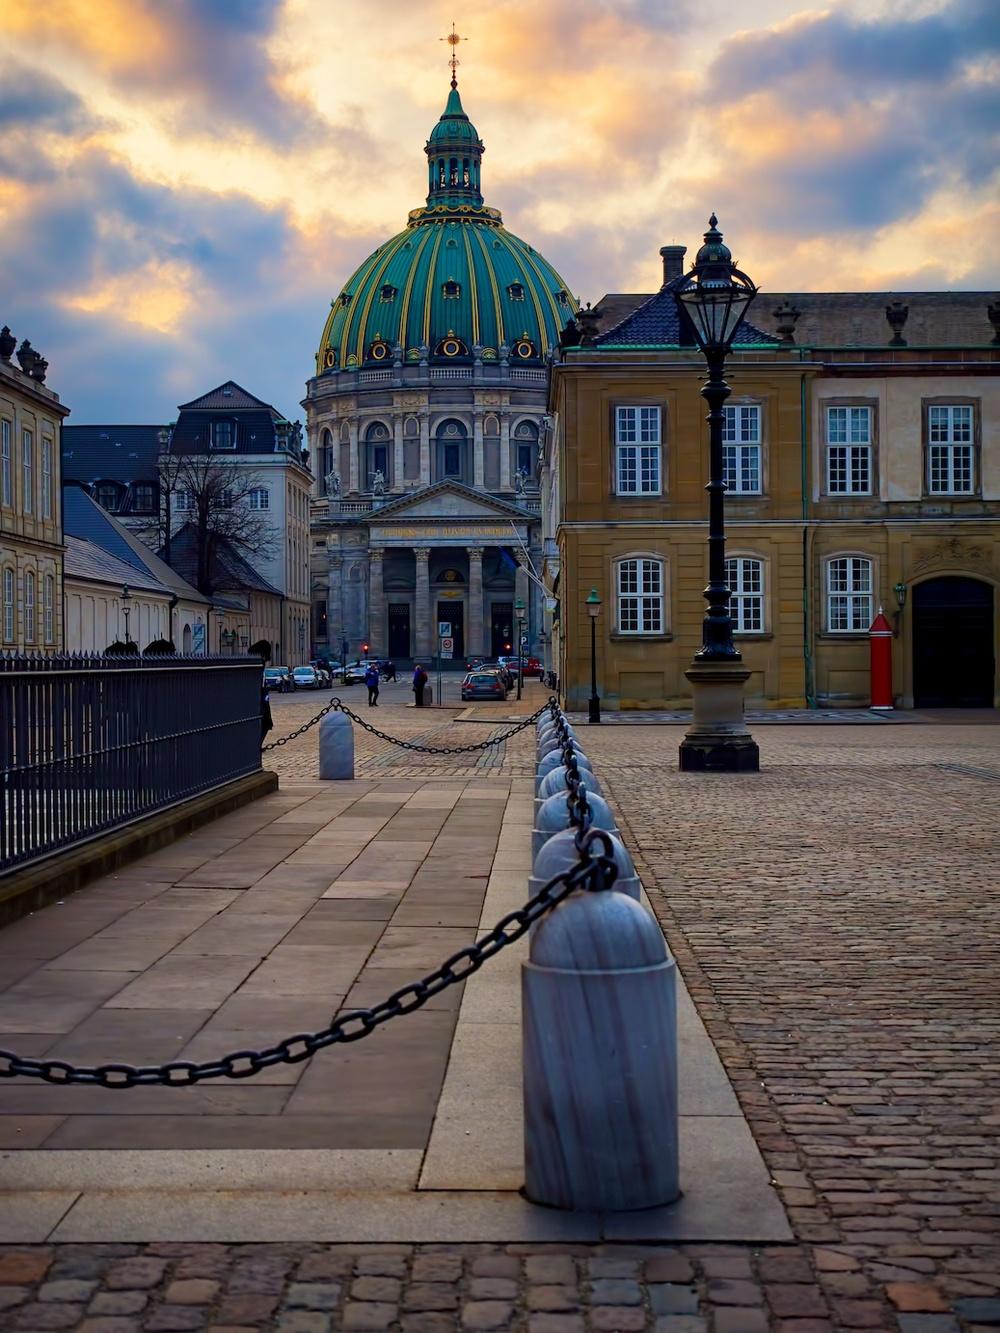 Copenhagen-Denmark-Amalienborg-sunset-March15-1k.jpg